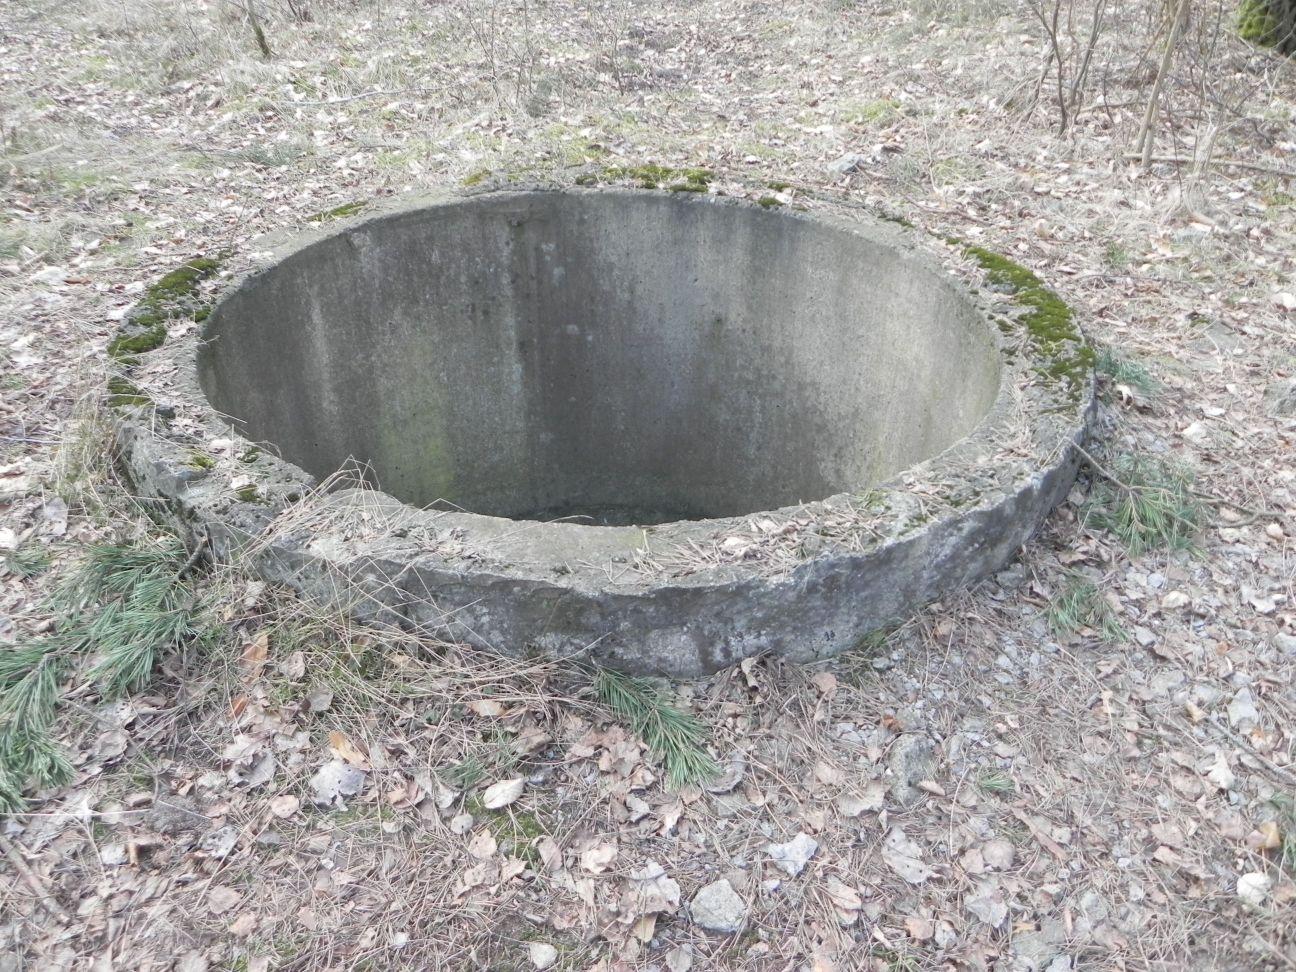 Jeleń - Bunkier Uzdatniania Wody (62)